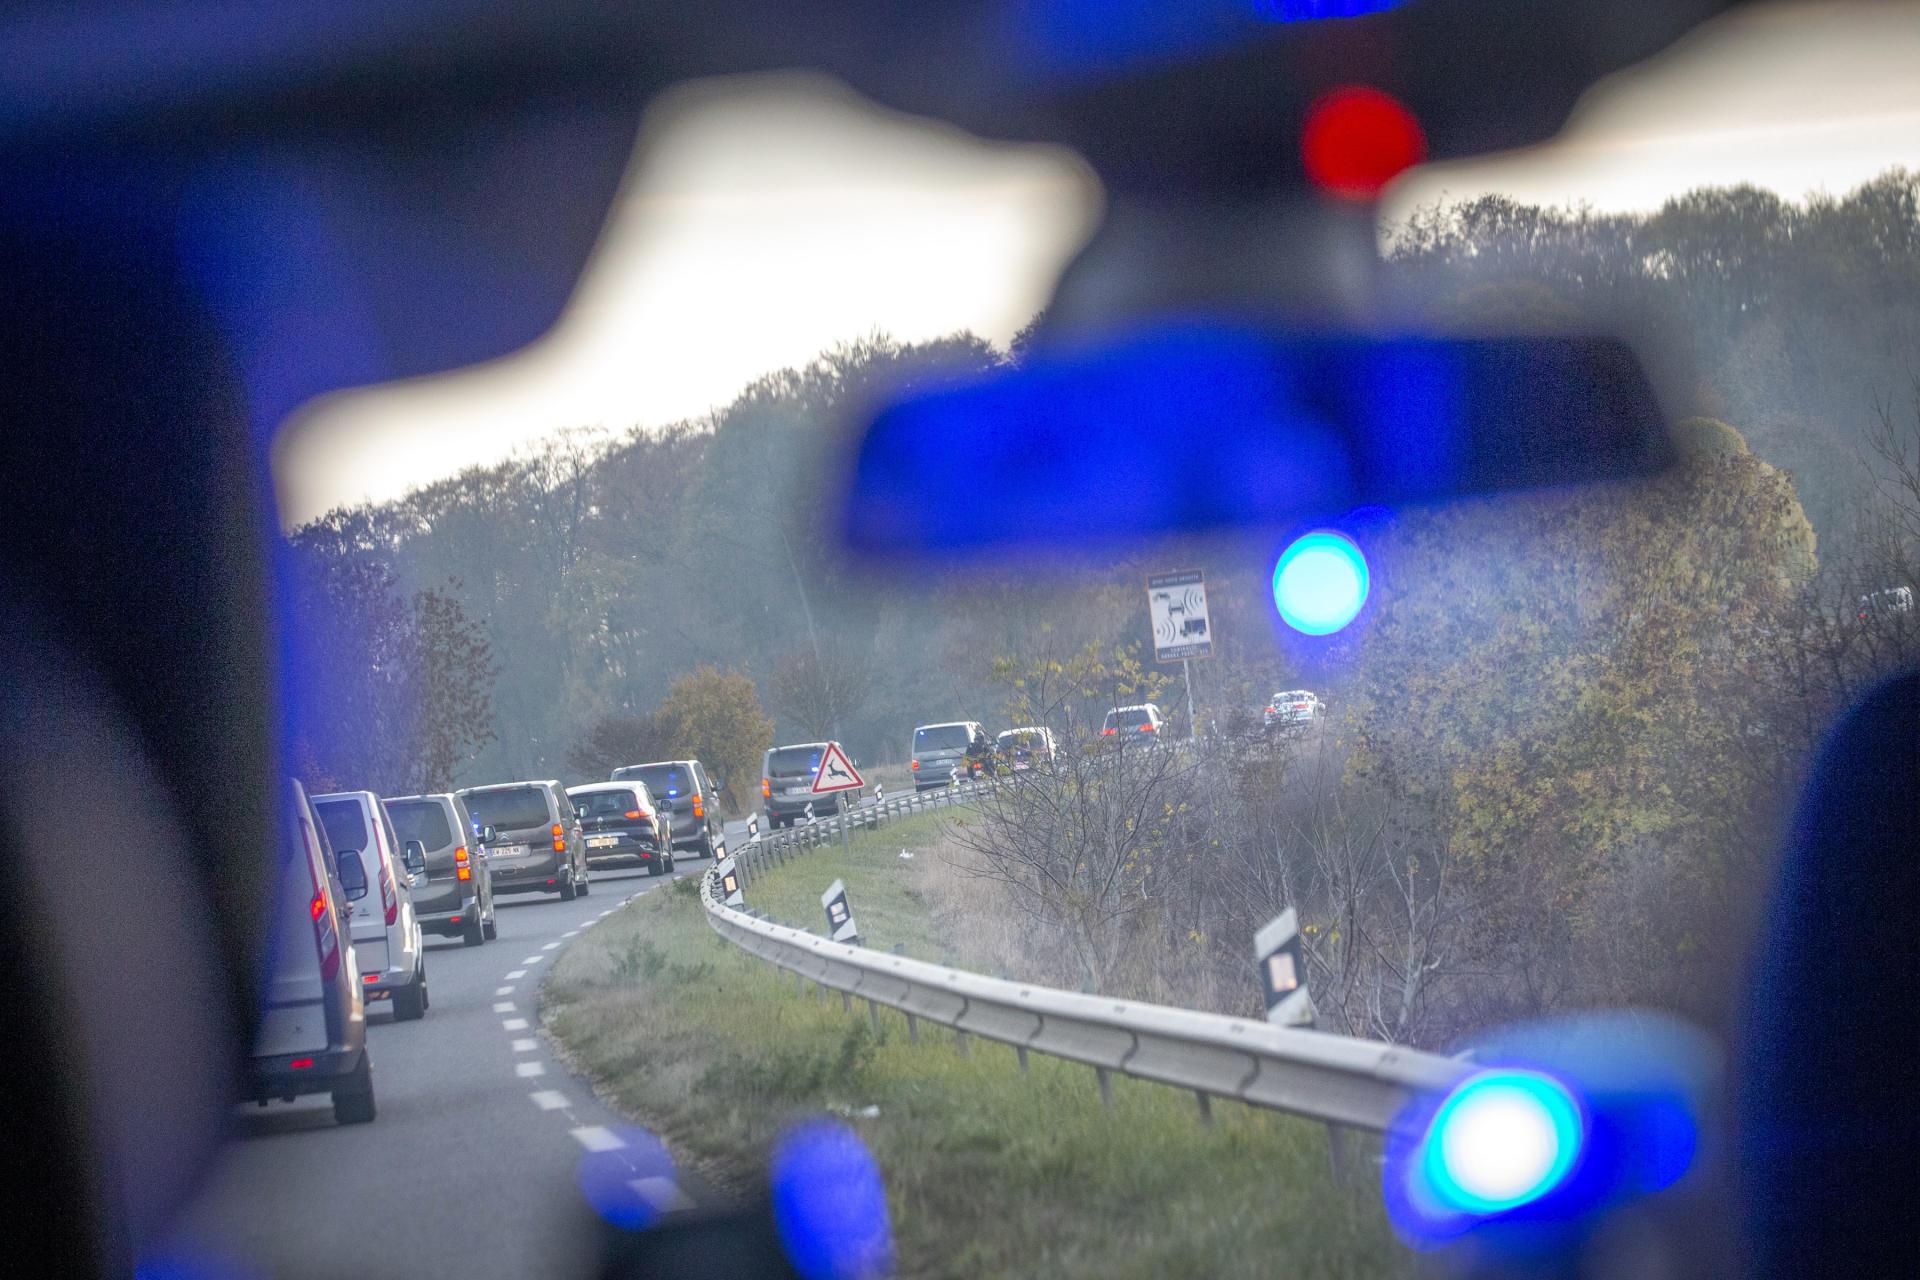 La caravane présidentielle, en route vers Pompey (Meurthe-et-Moselle).